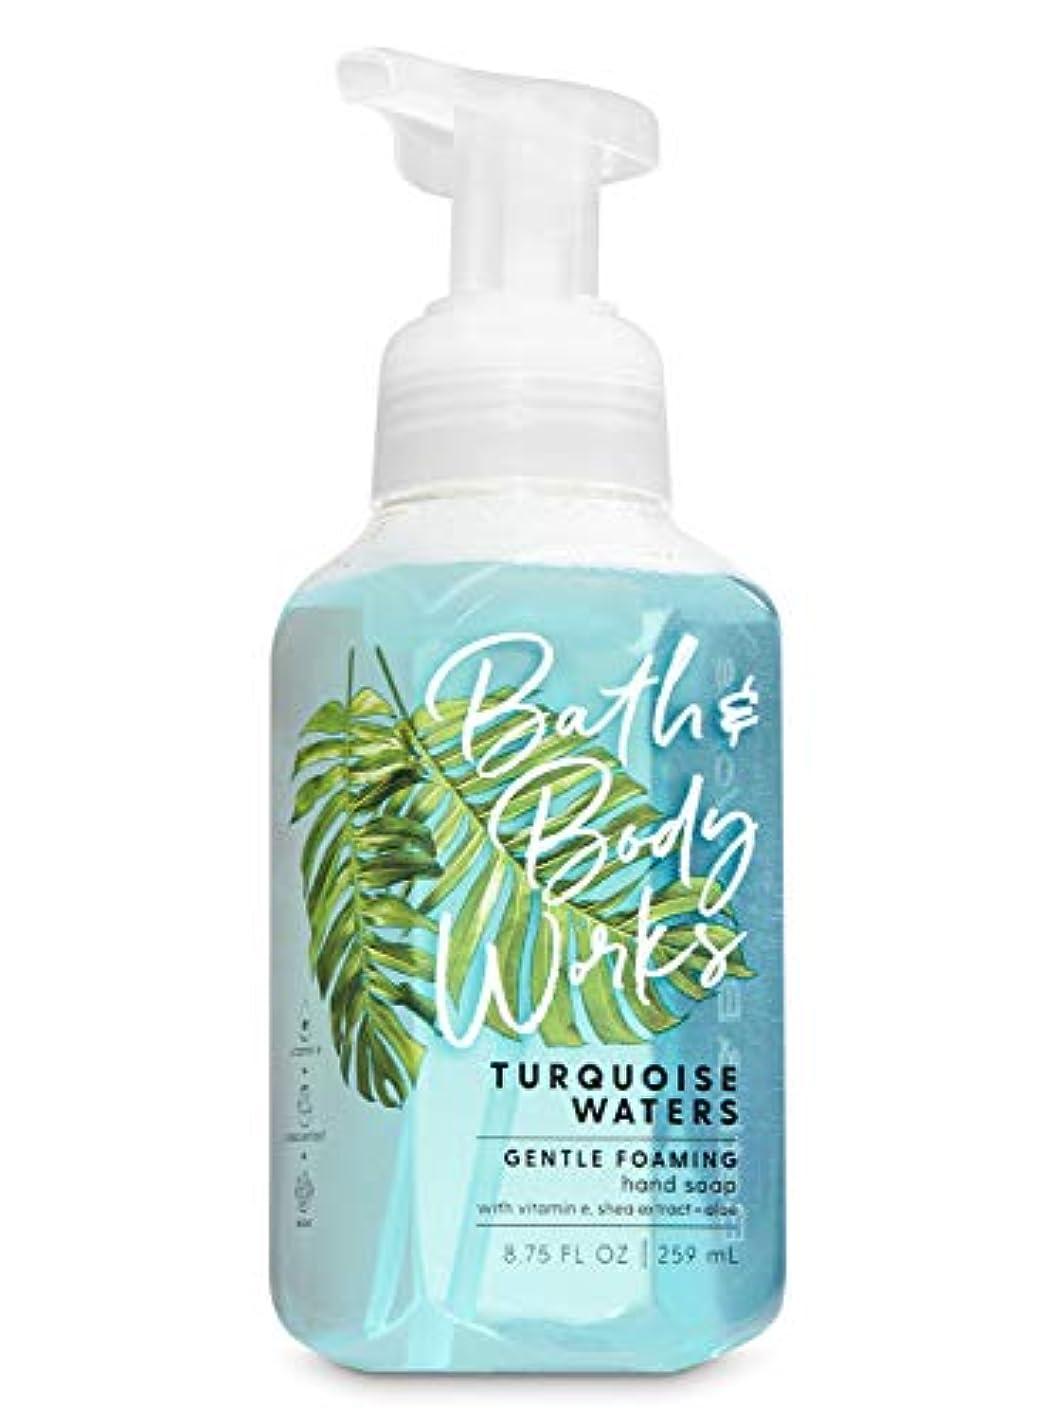 あなたはに対応する町バス&ボディワークス ターコイズウォーター ジェントル フォーミング ハンドソープ Turquoise Waters Gentle Foaming Hand Soap